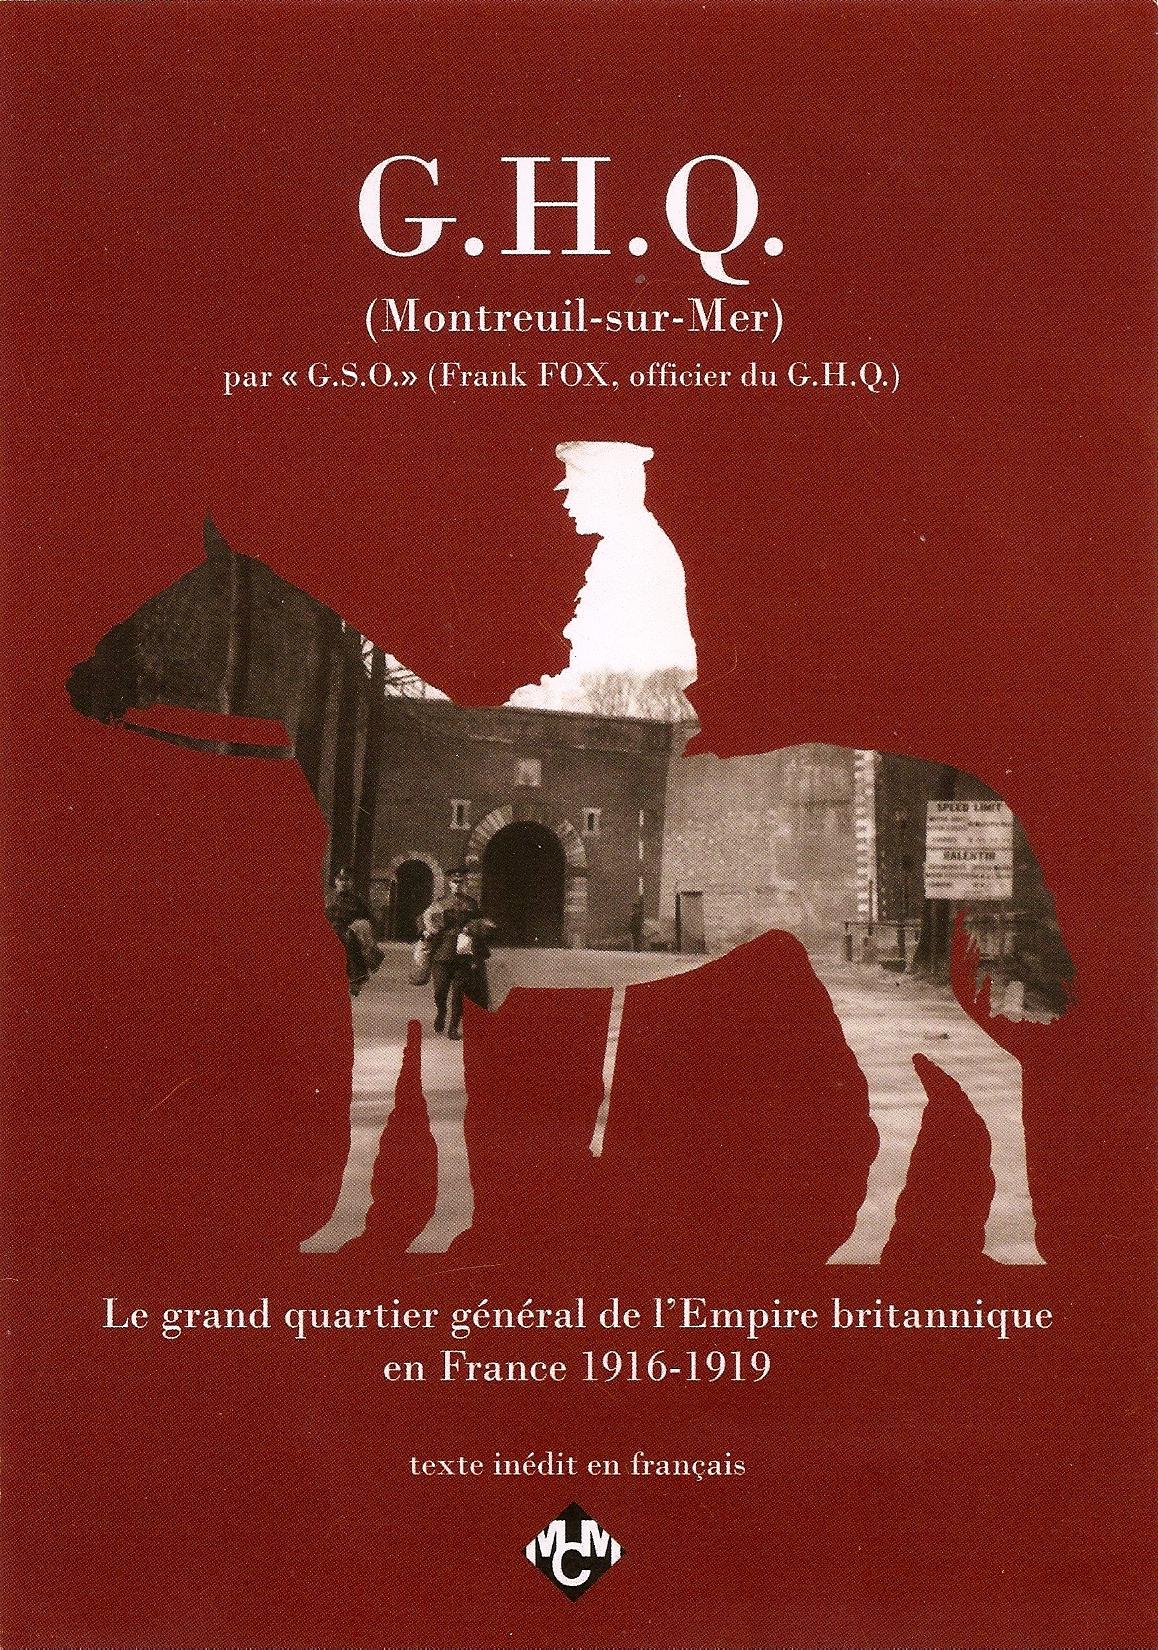 G.H.Q. – Le grande quartier général de l´Empire britannique en France 1916-1919